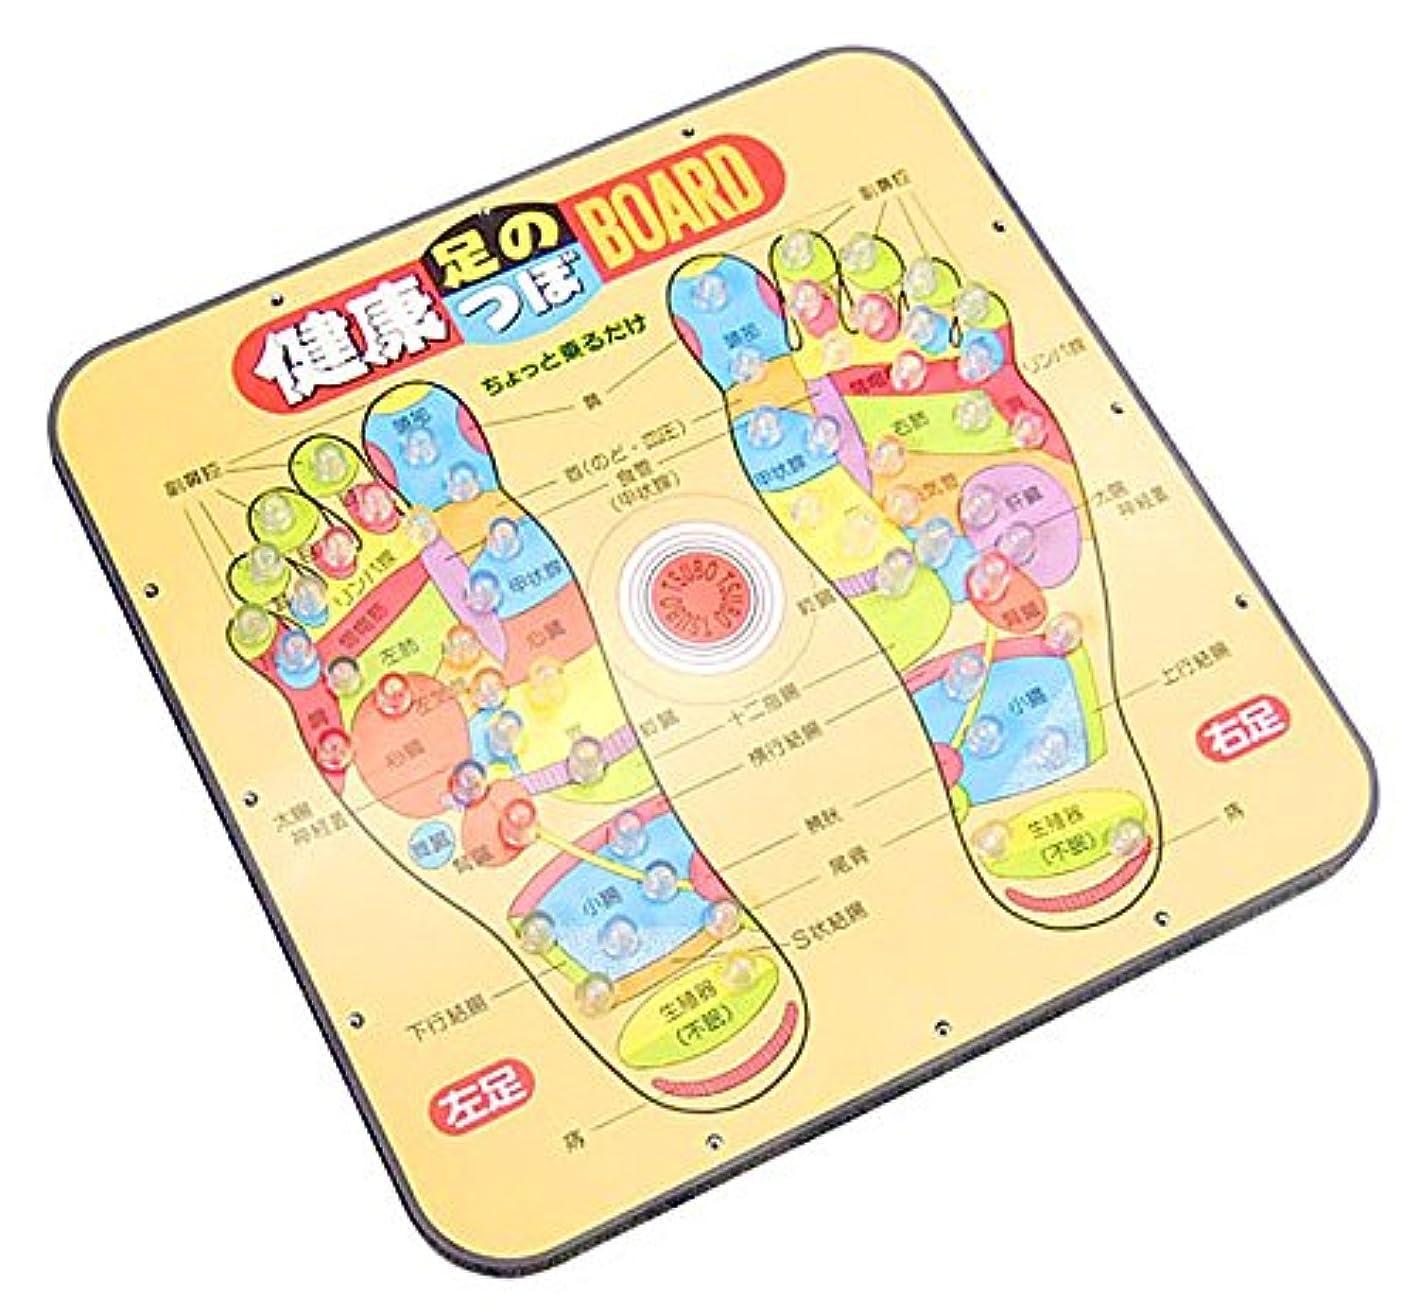 ワーディアンケース織る宝富士パックス販売 健康ボード 1個